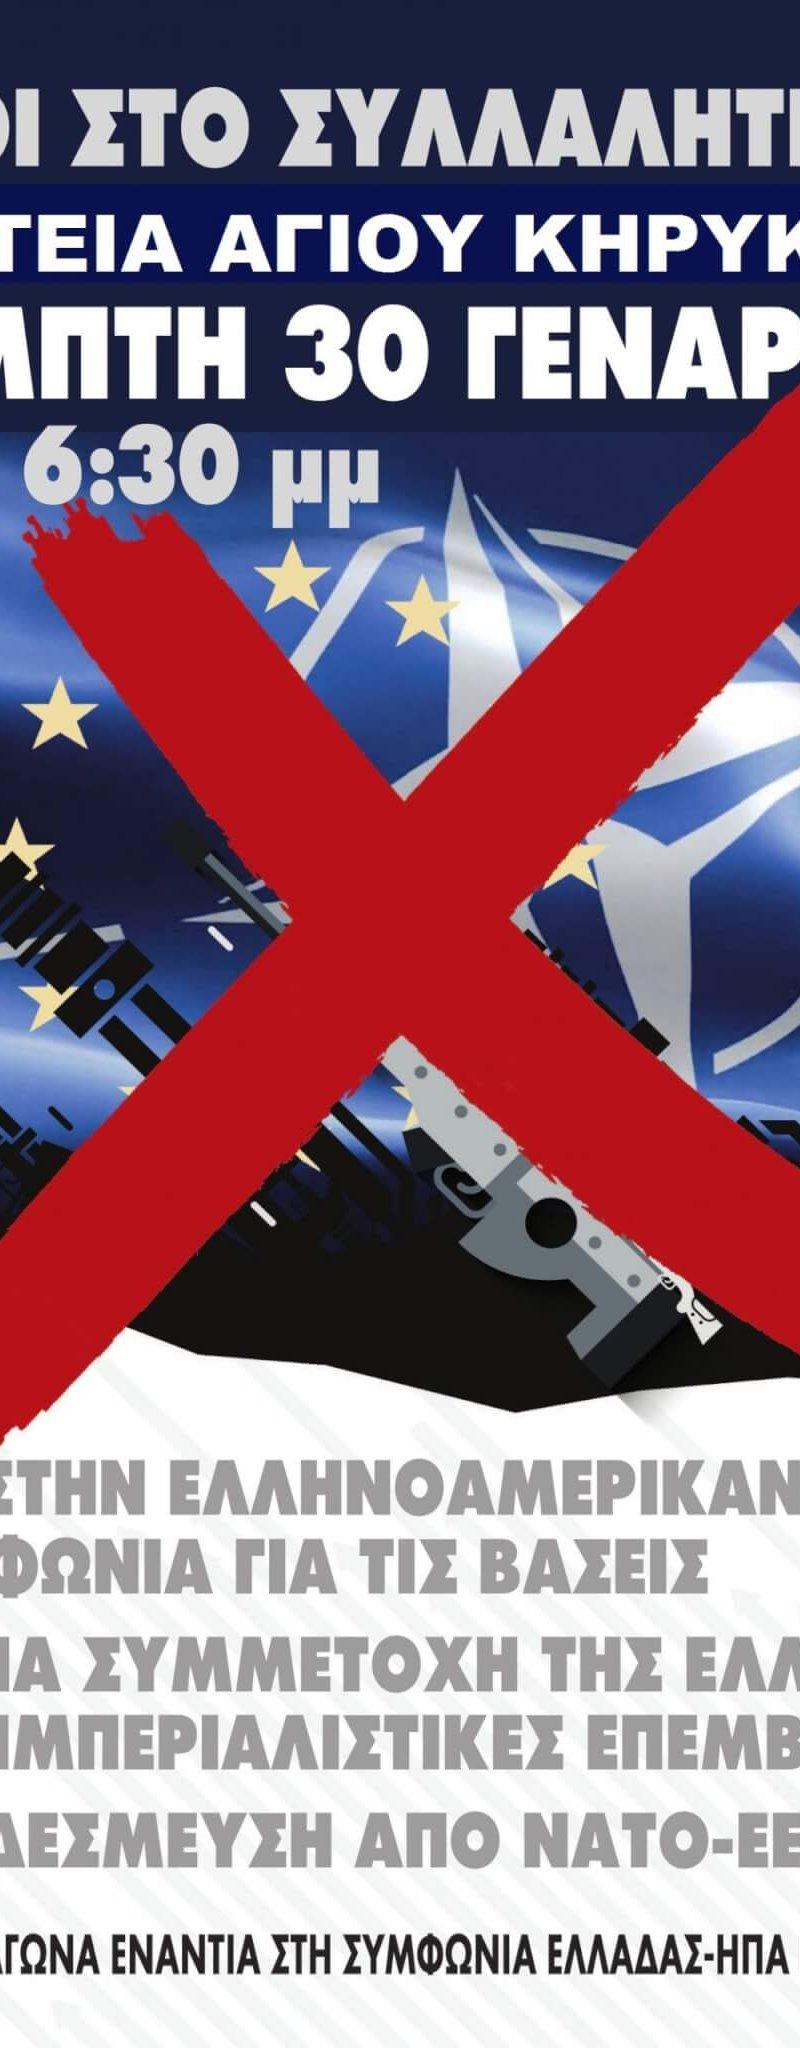 Η Λαϊκή Συσπείρωση για το Συλλαλητήριο ενάντια στις αμερικανοΝΑΤΟικές βάσεις